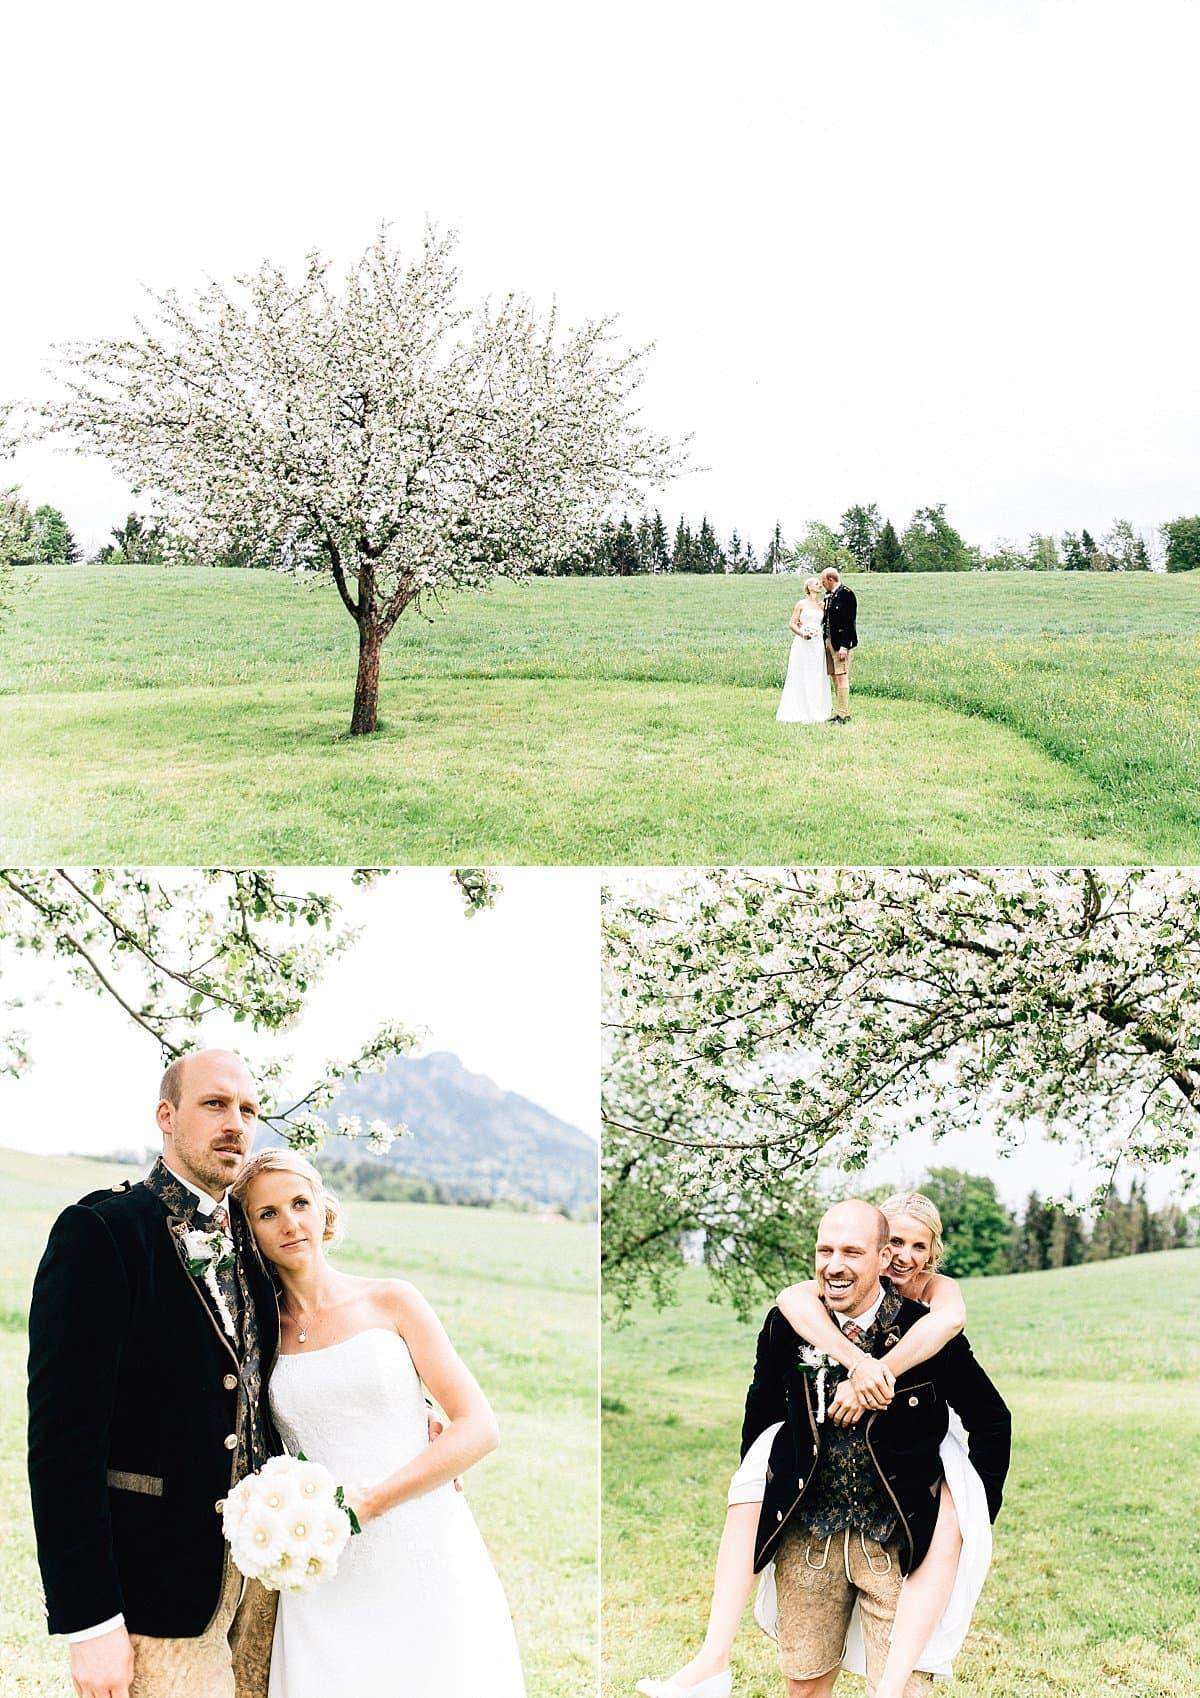 Daniela & Stefan - Hochzeitsreportage in Mondsee und Thalgau